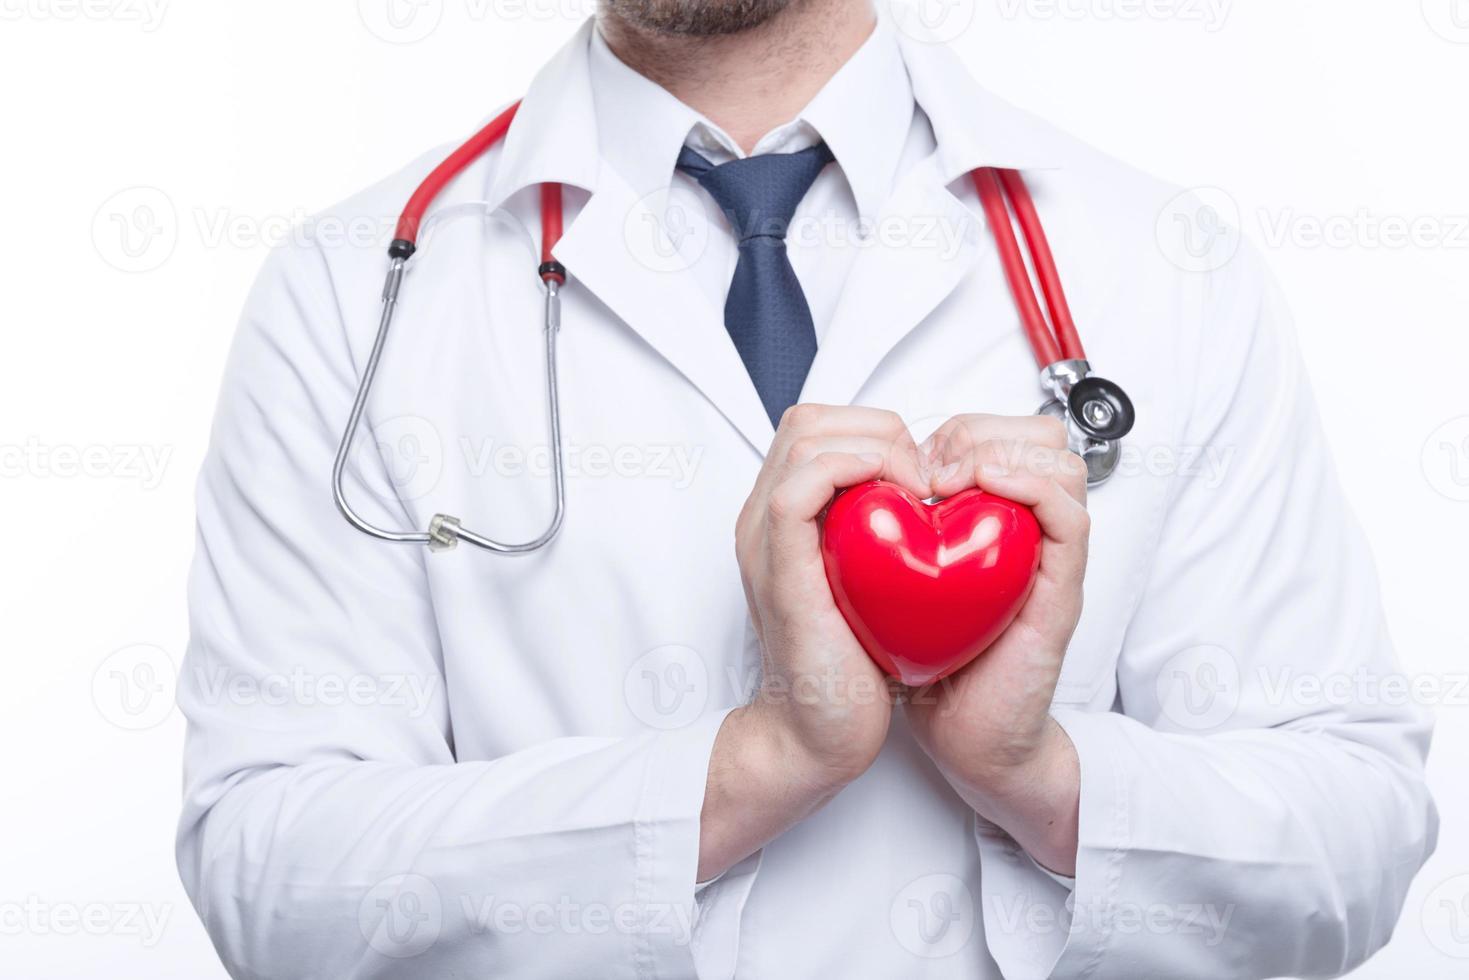 mooie cardioloog met hart foto